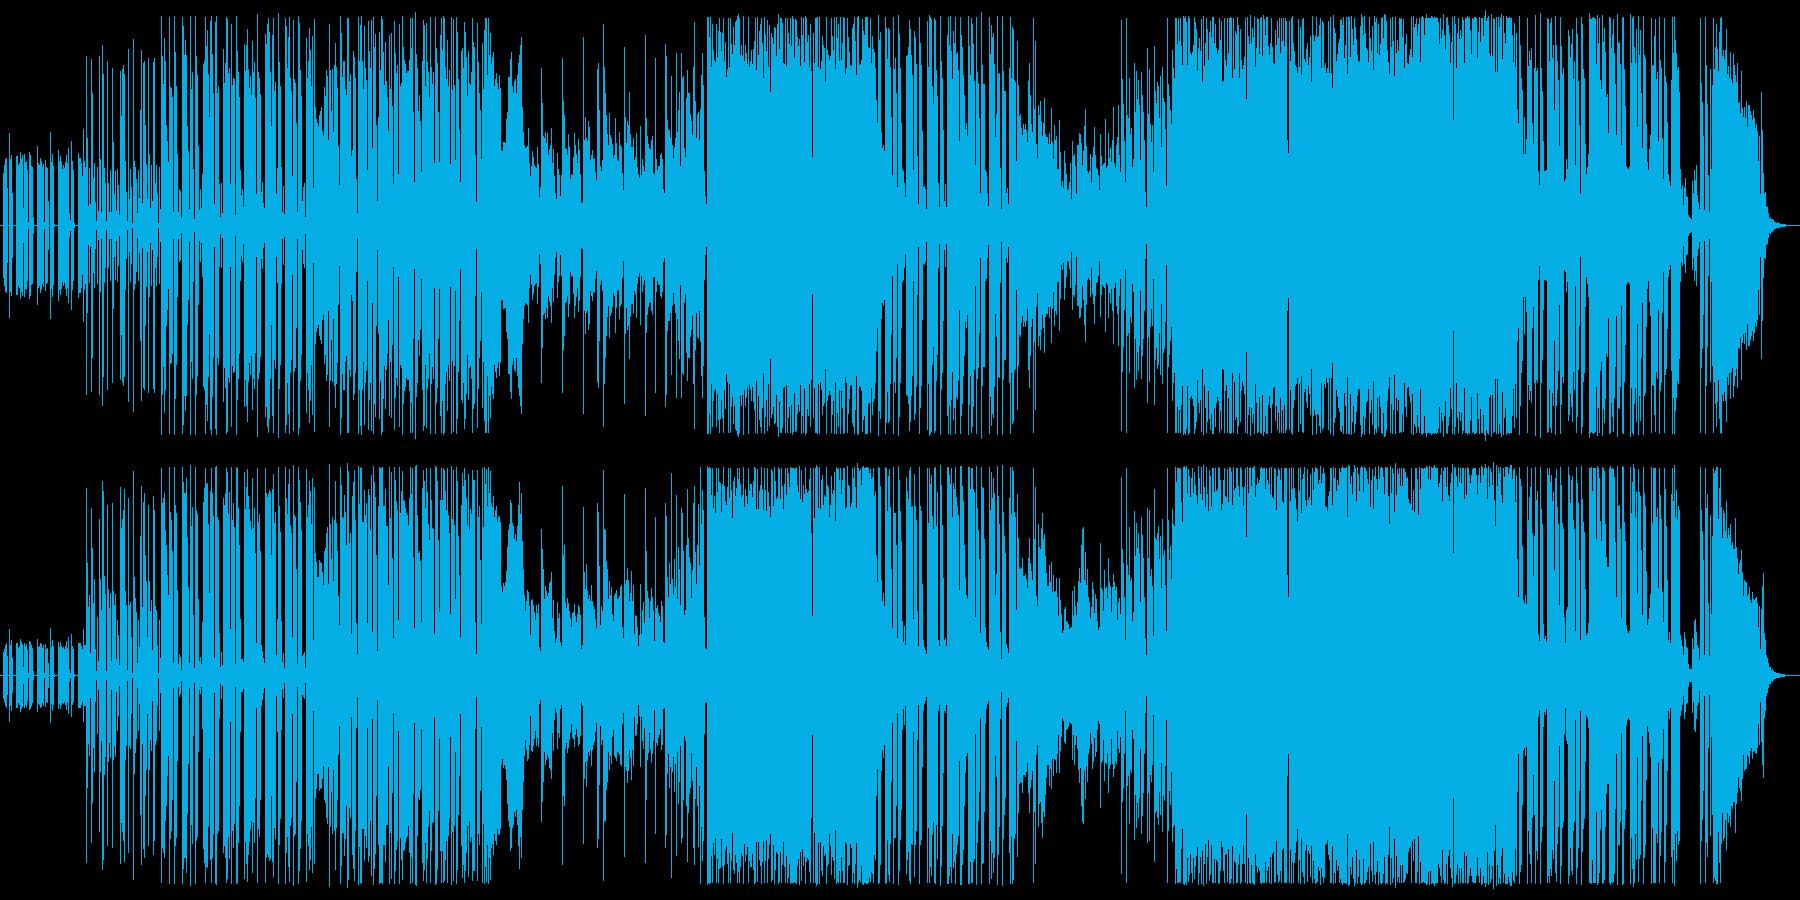 ダンサンブルなエピックロックの再生済みの波形